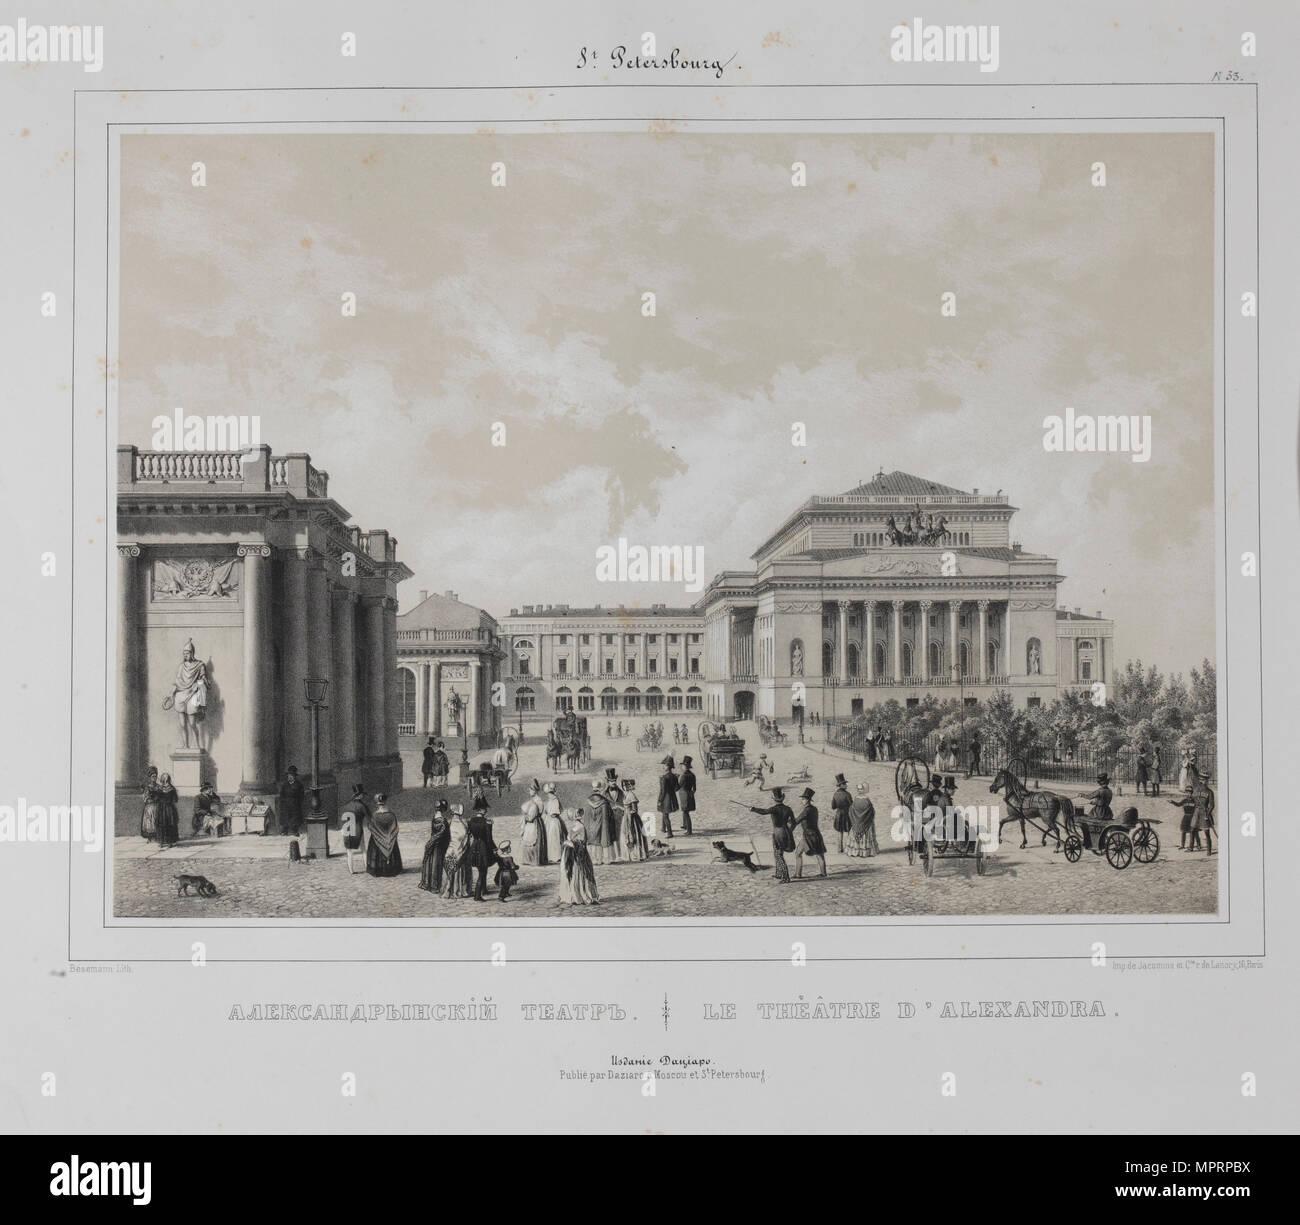 The Alexandrinsky Theatre in Saint Petersburg, 1840s. - Stock Image